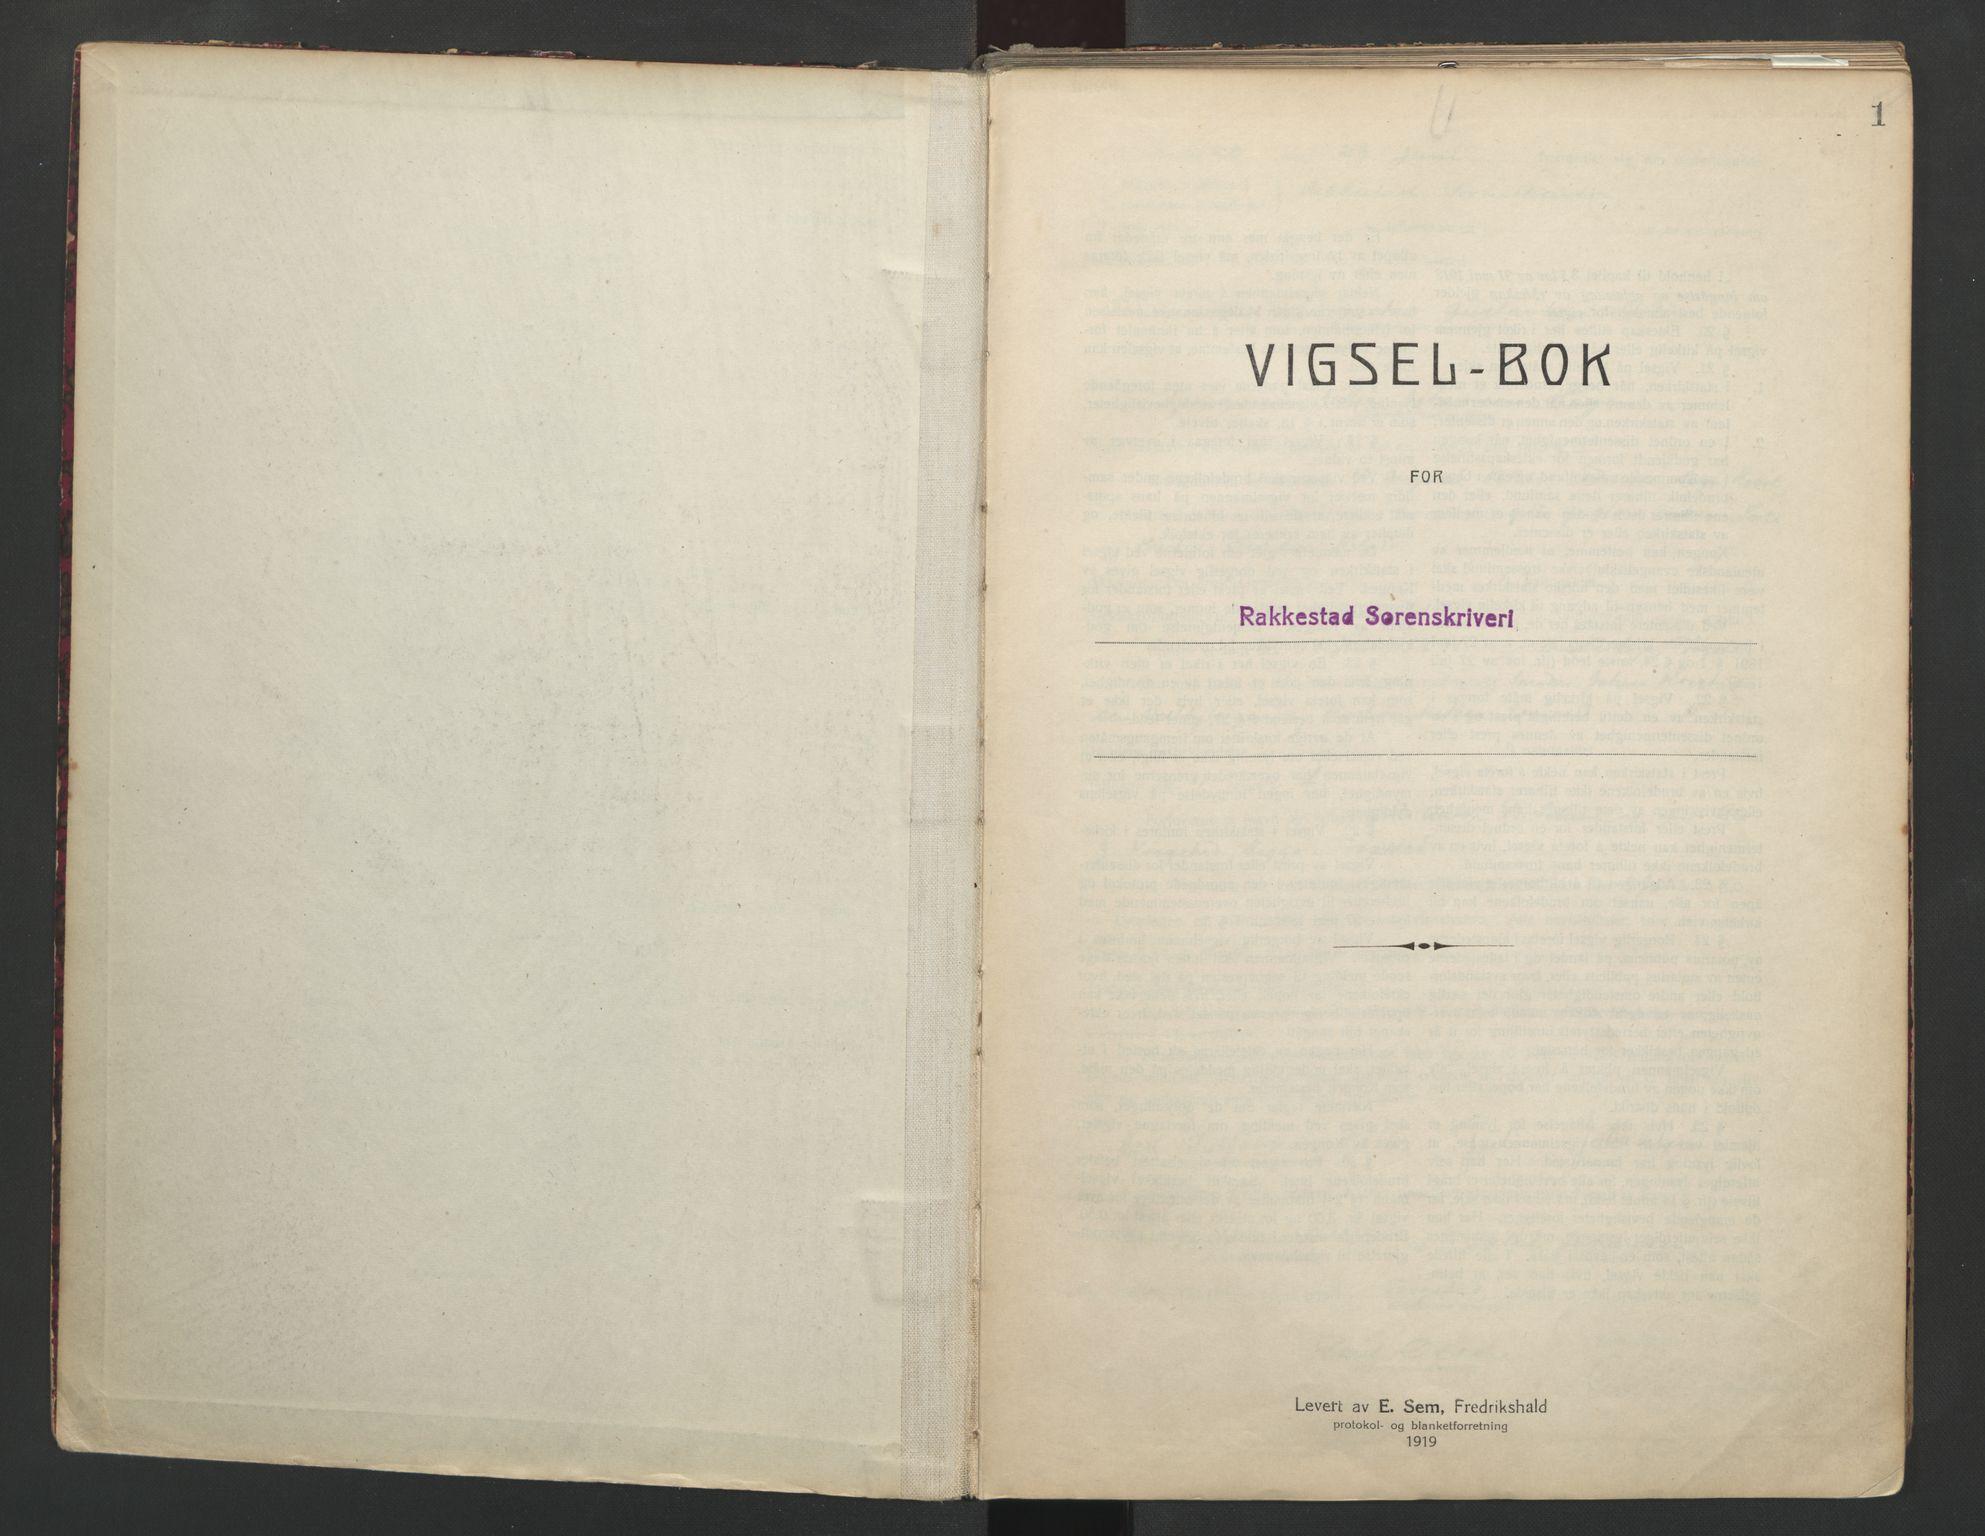 SAO, Rakkestad sorenskriveri, L/Lc/Lca/L0001: Vigselbøker, 1920-1942, s. 1